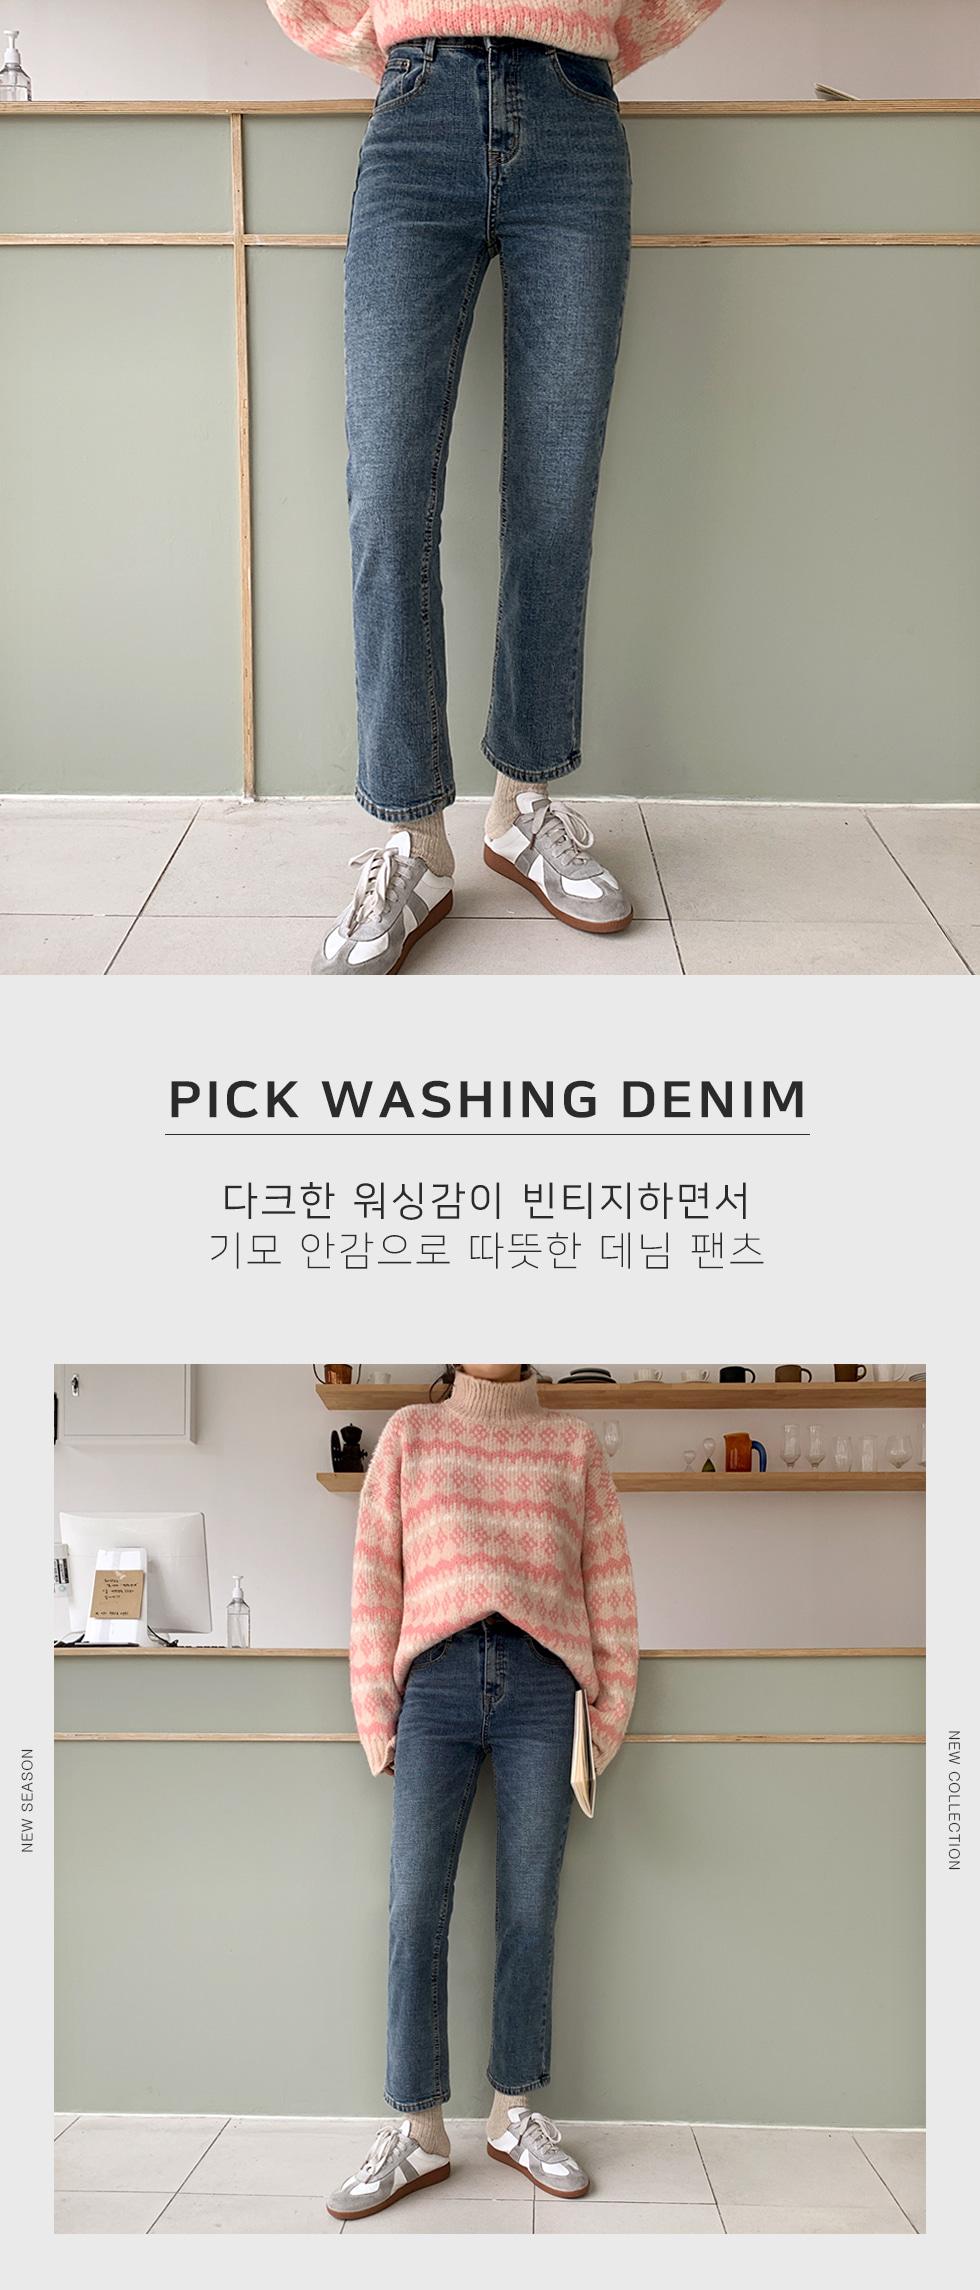 Pick Faded Fleece-lined denim